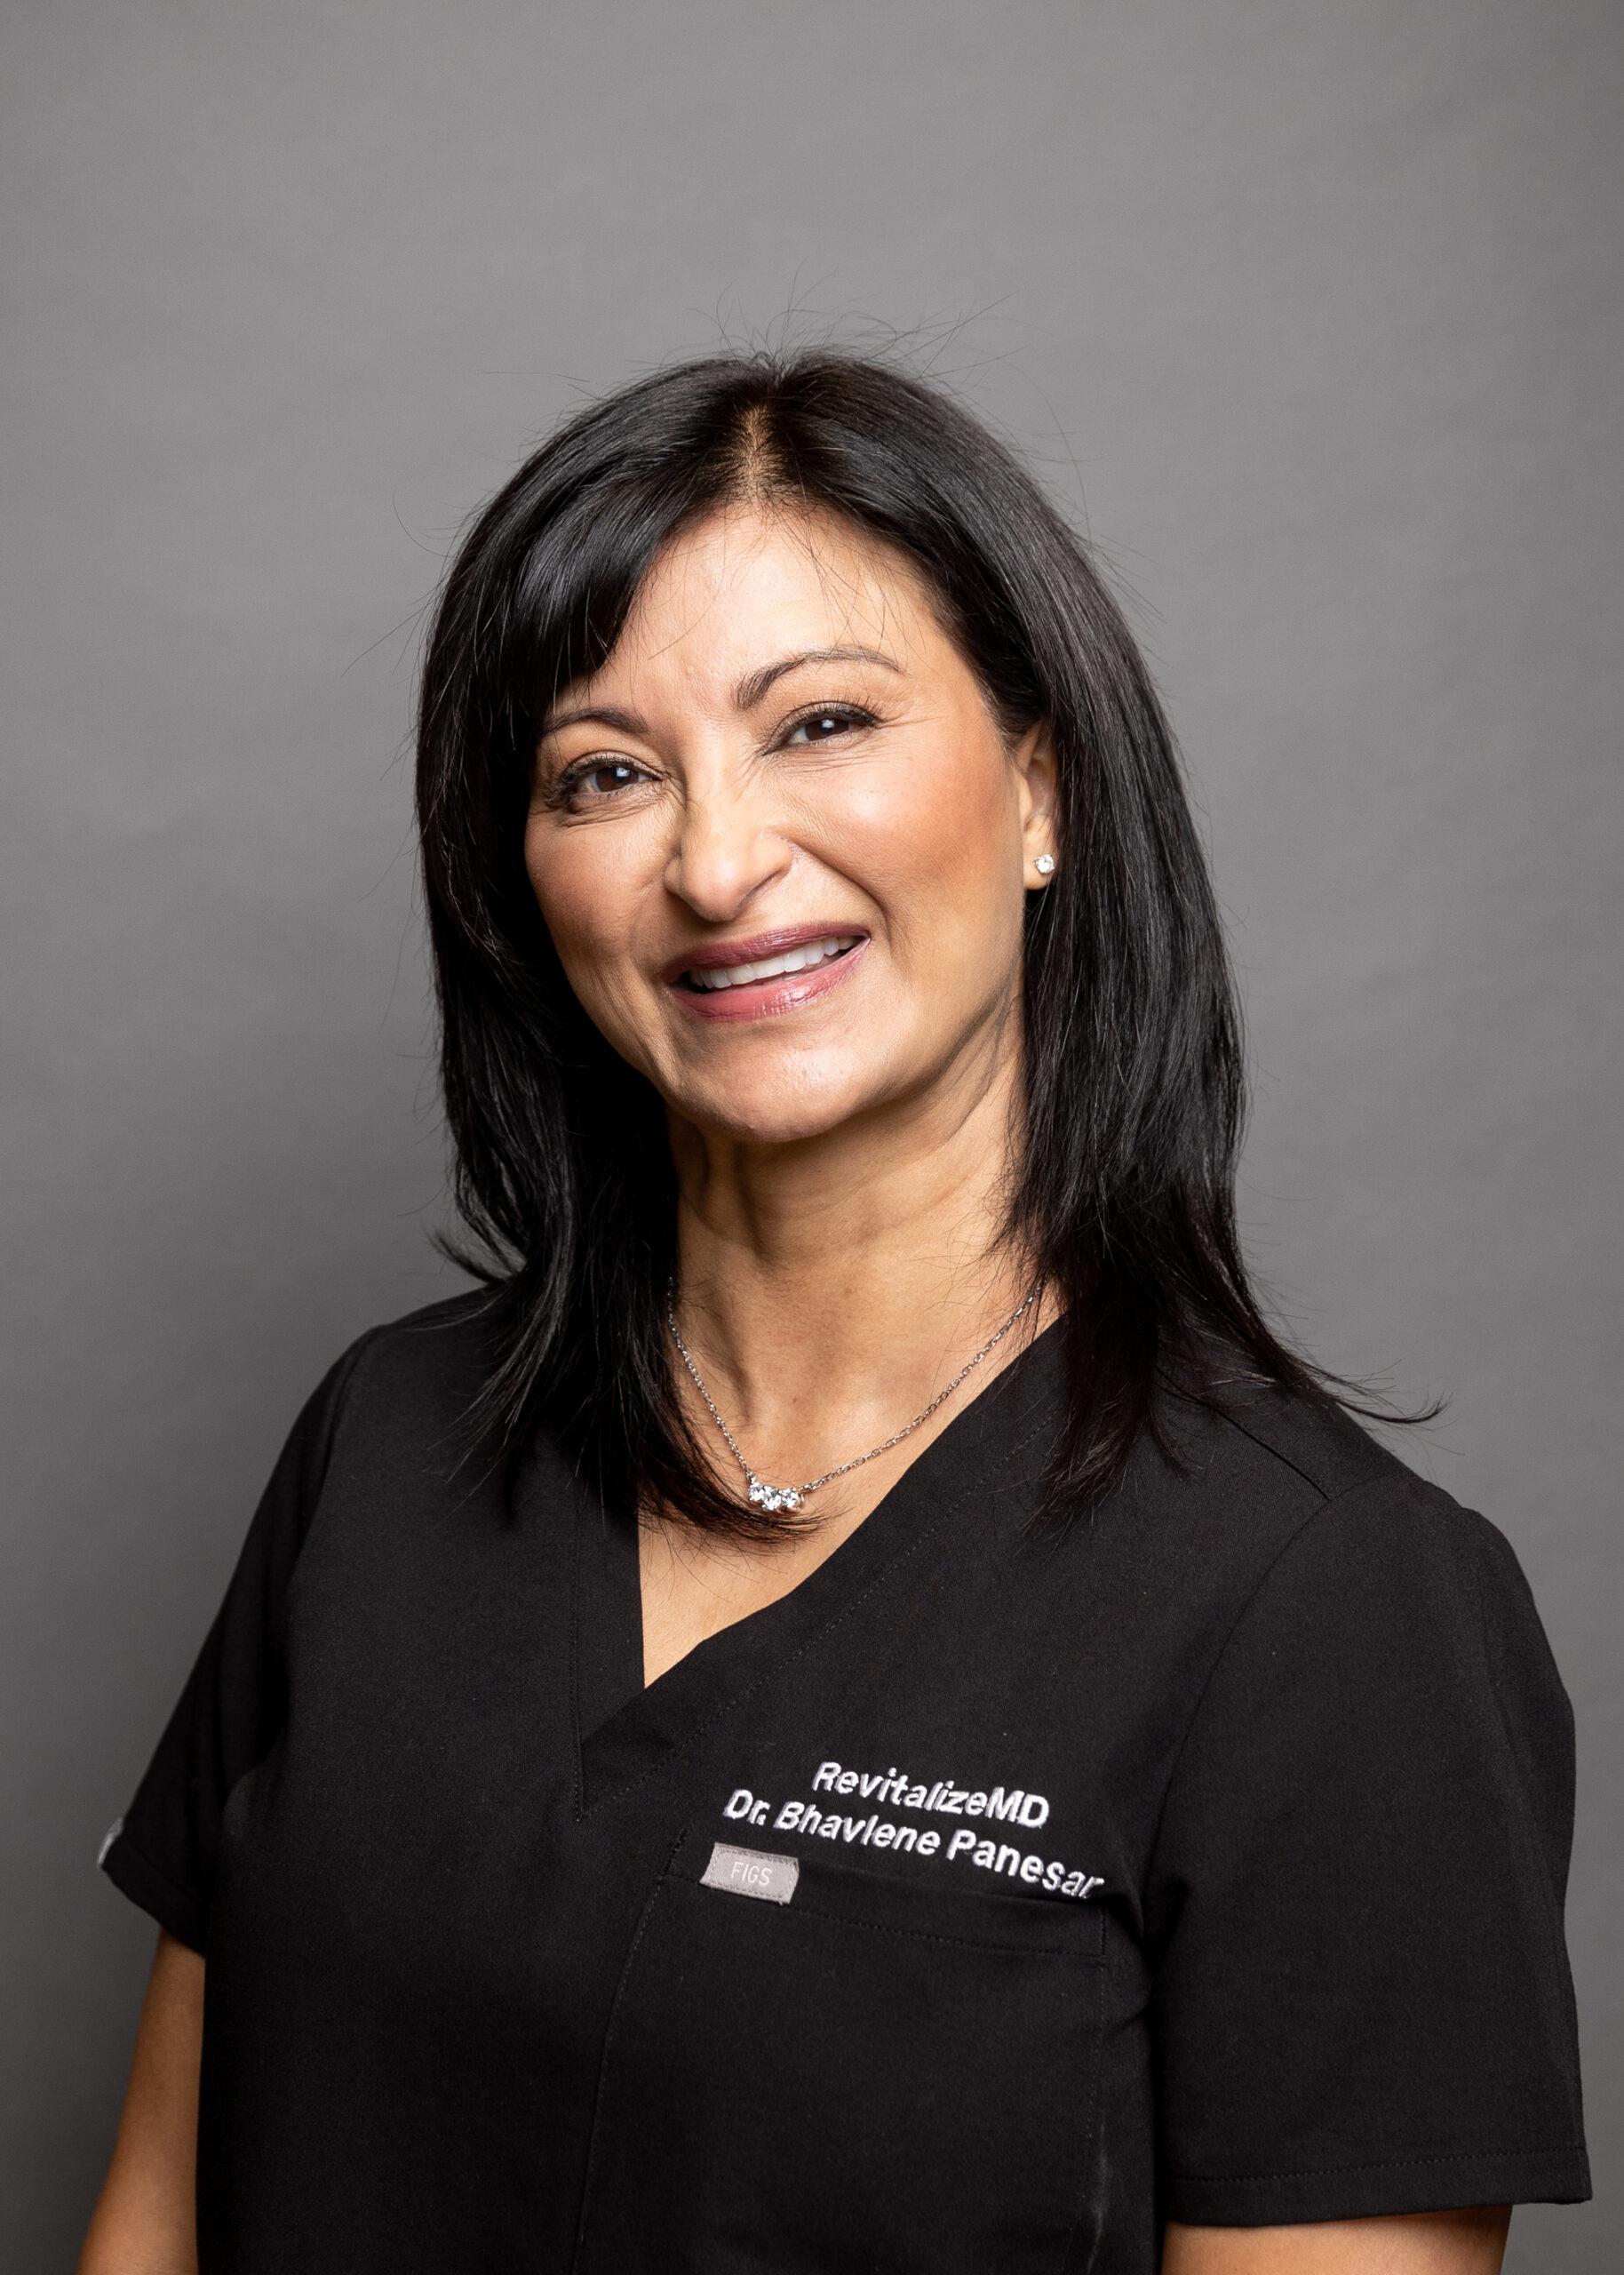 Dr. Bhavlene Panesar